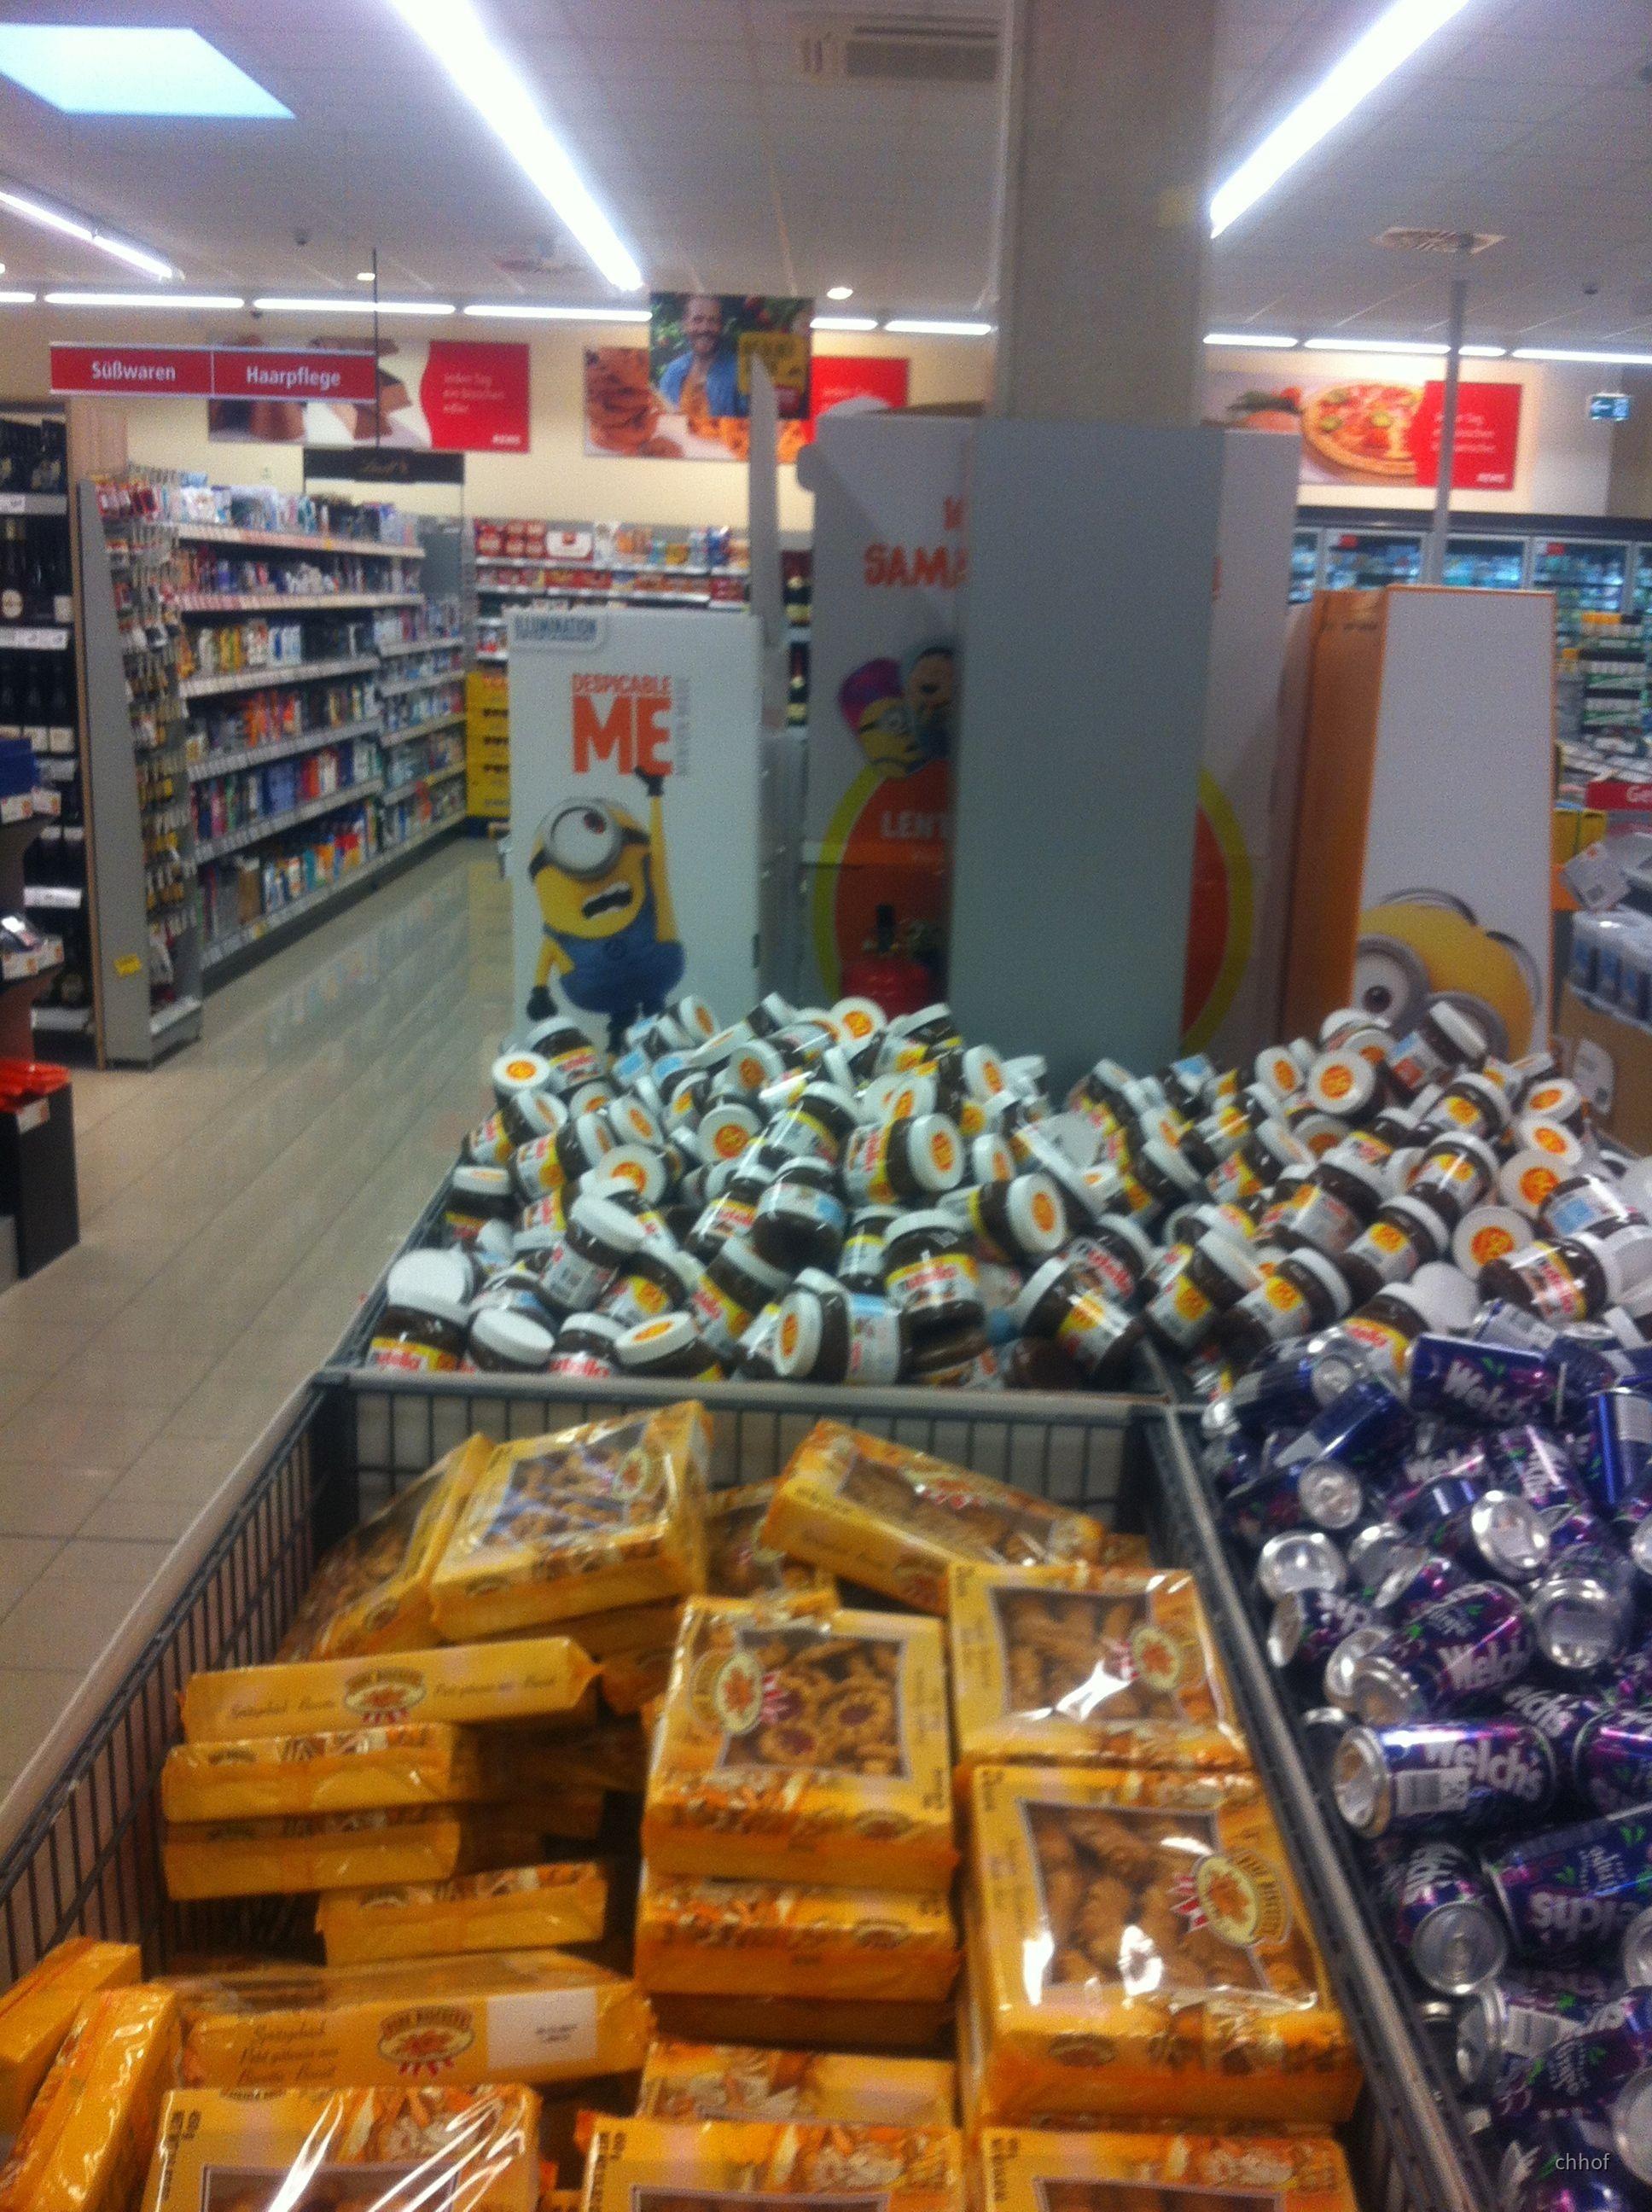 Feuerlöscher im Einkaufsmarkt-2